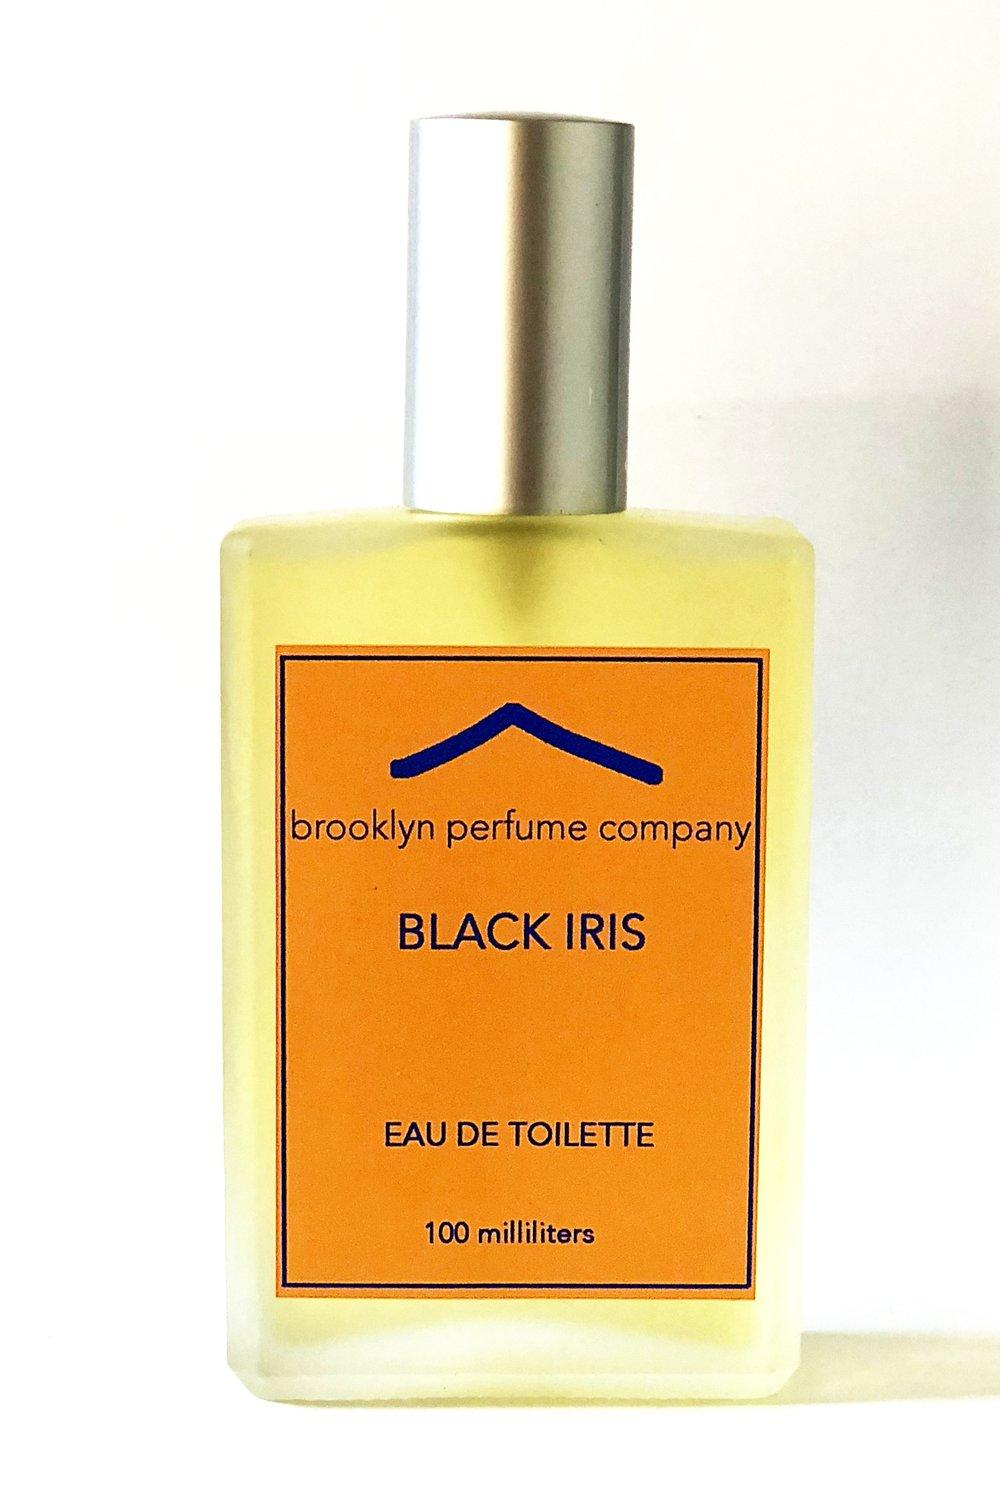 BlackirisEDTflat.jpg